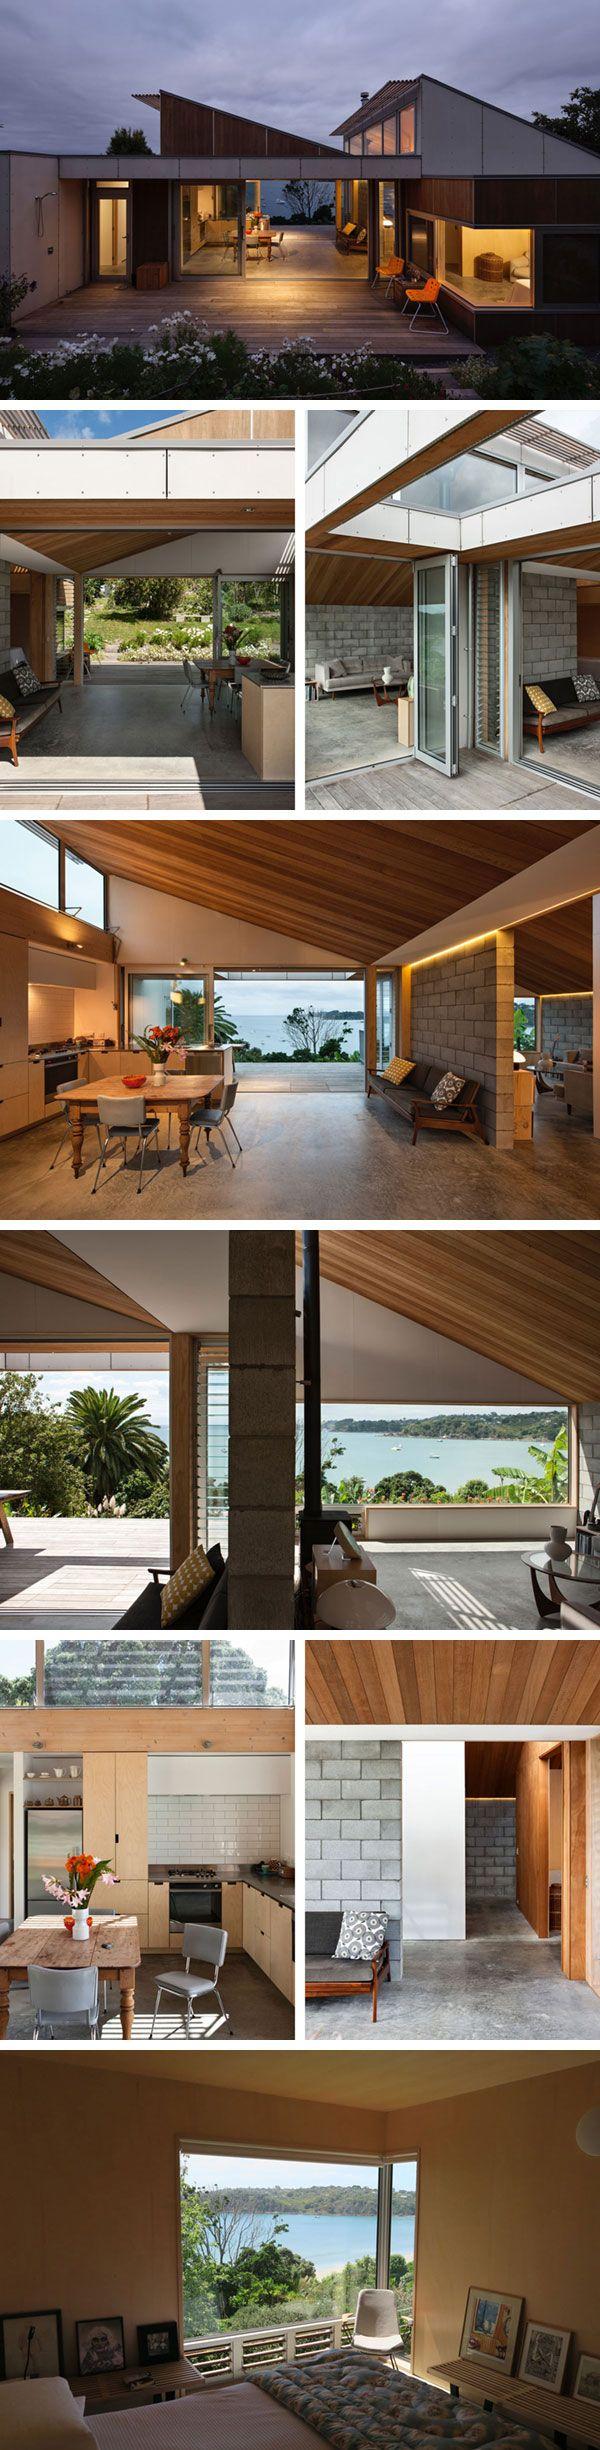 Маленький дом Oneroa House от Vaughn mcQuarrie #tinyhomesdigest #tinyhouse #smallhouse #ecohouse